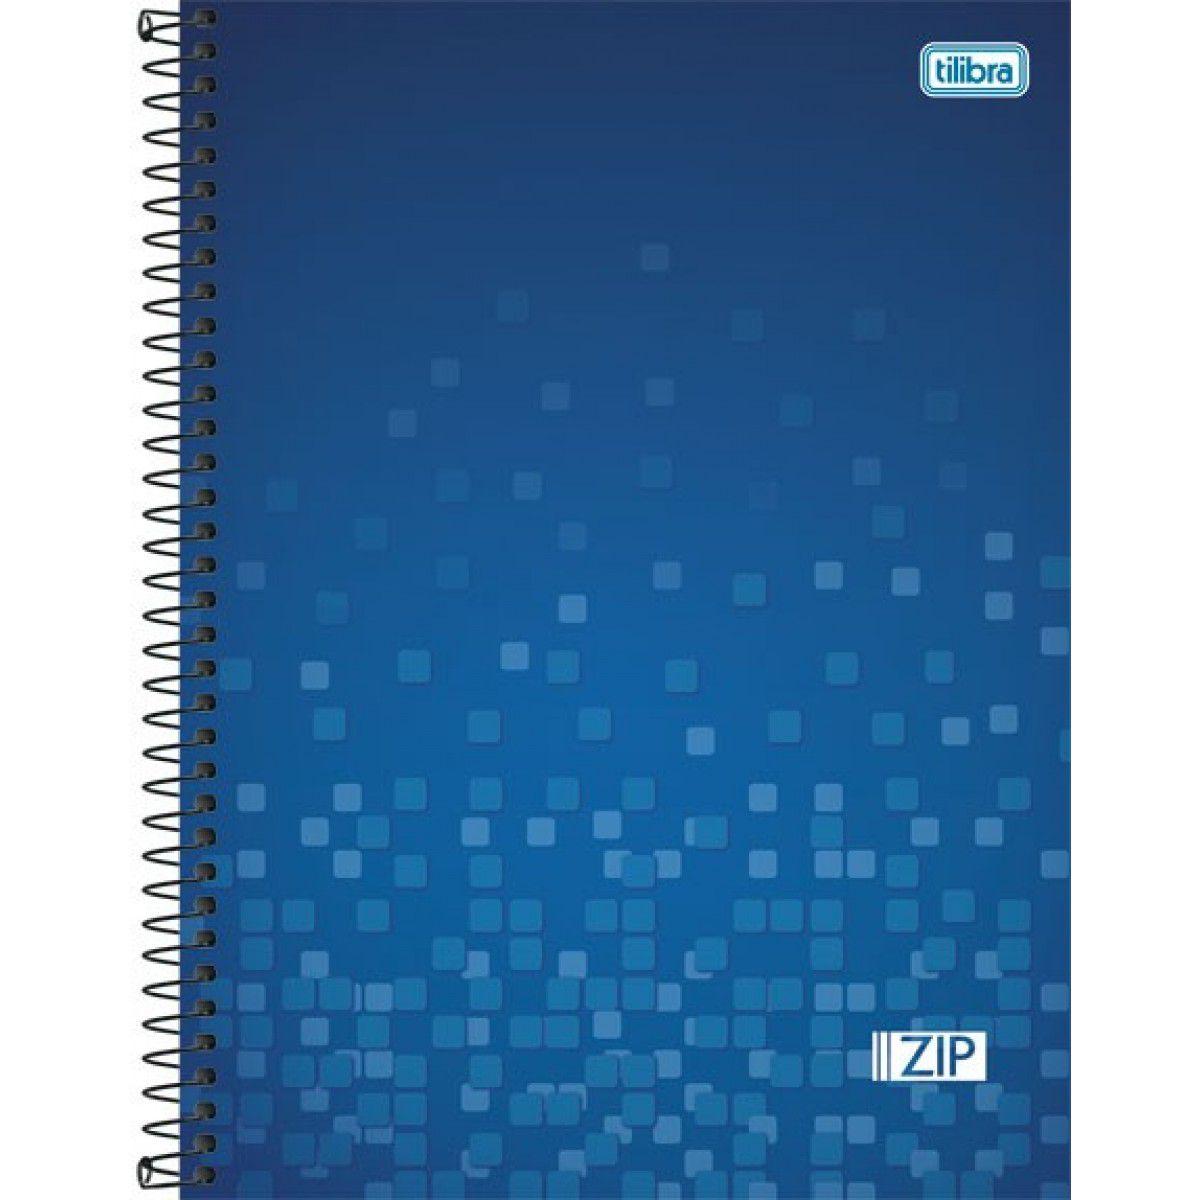 Caderno Univ Zip 200 folhas10 Matérias Tilibra